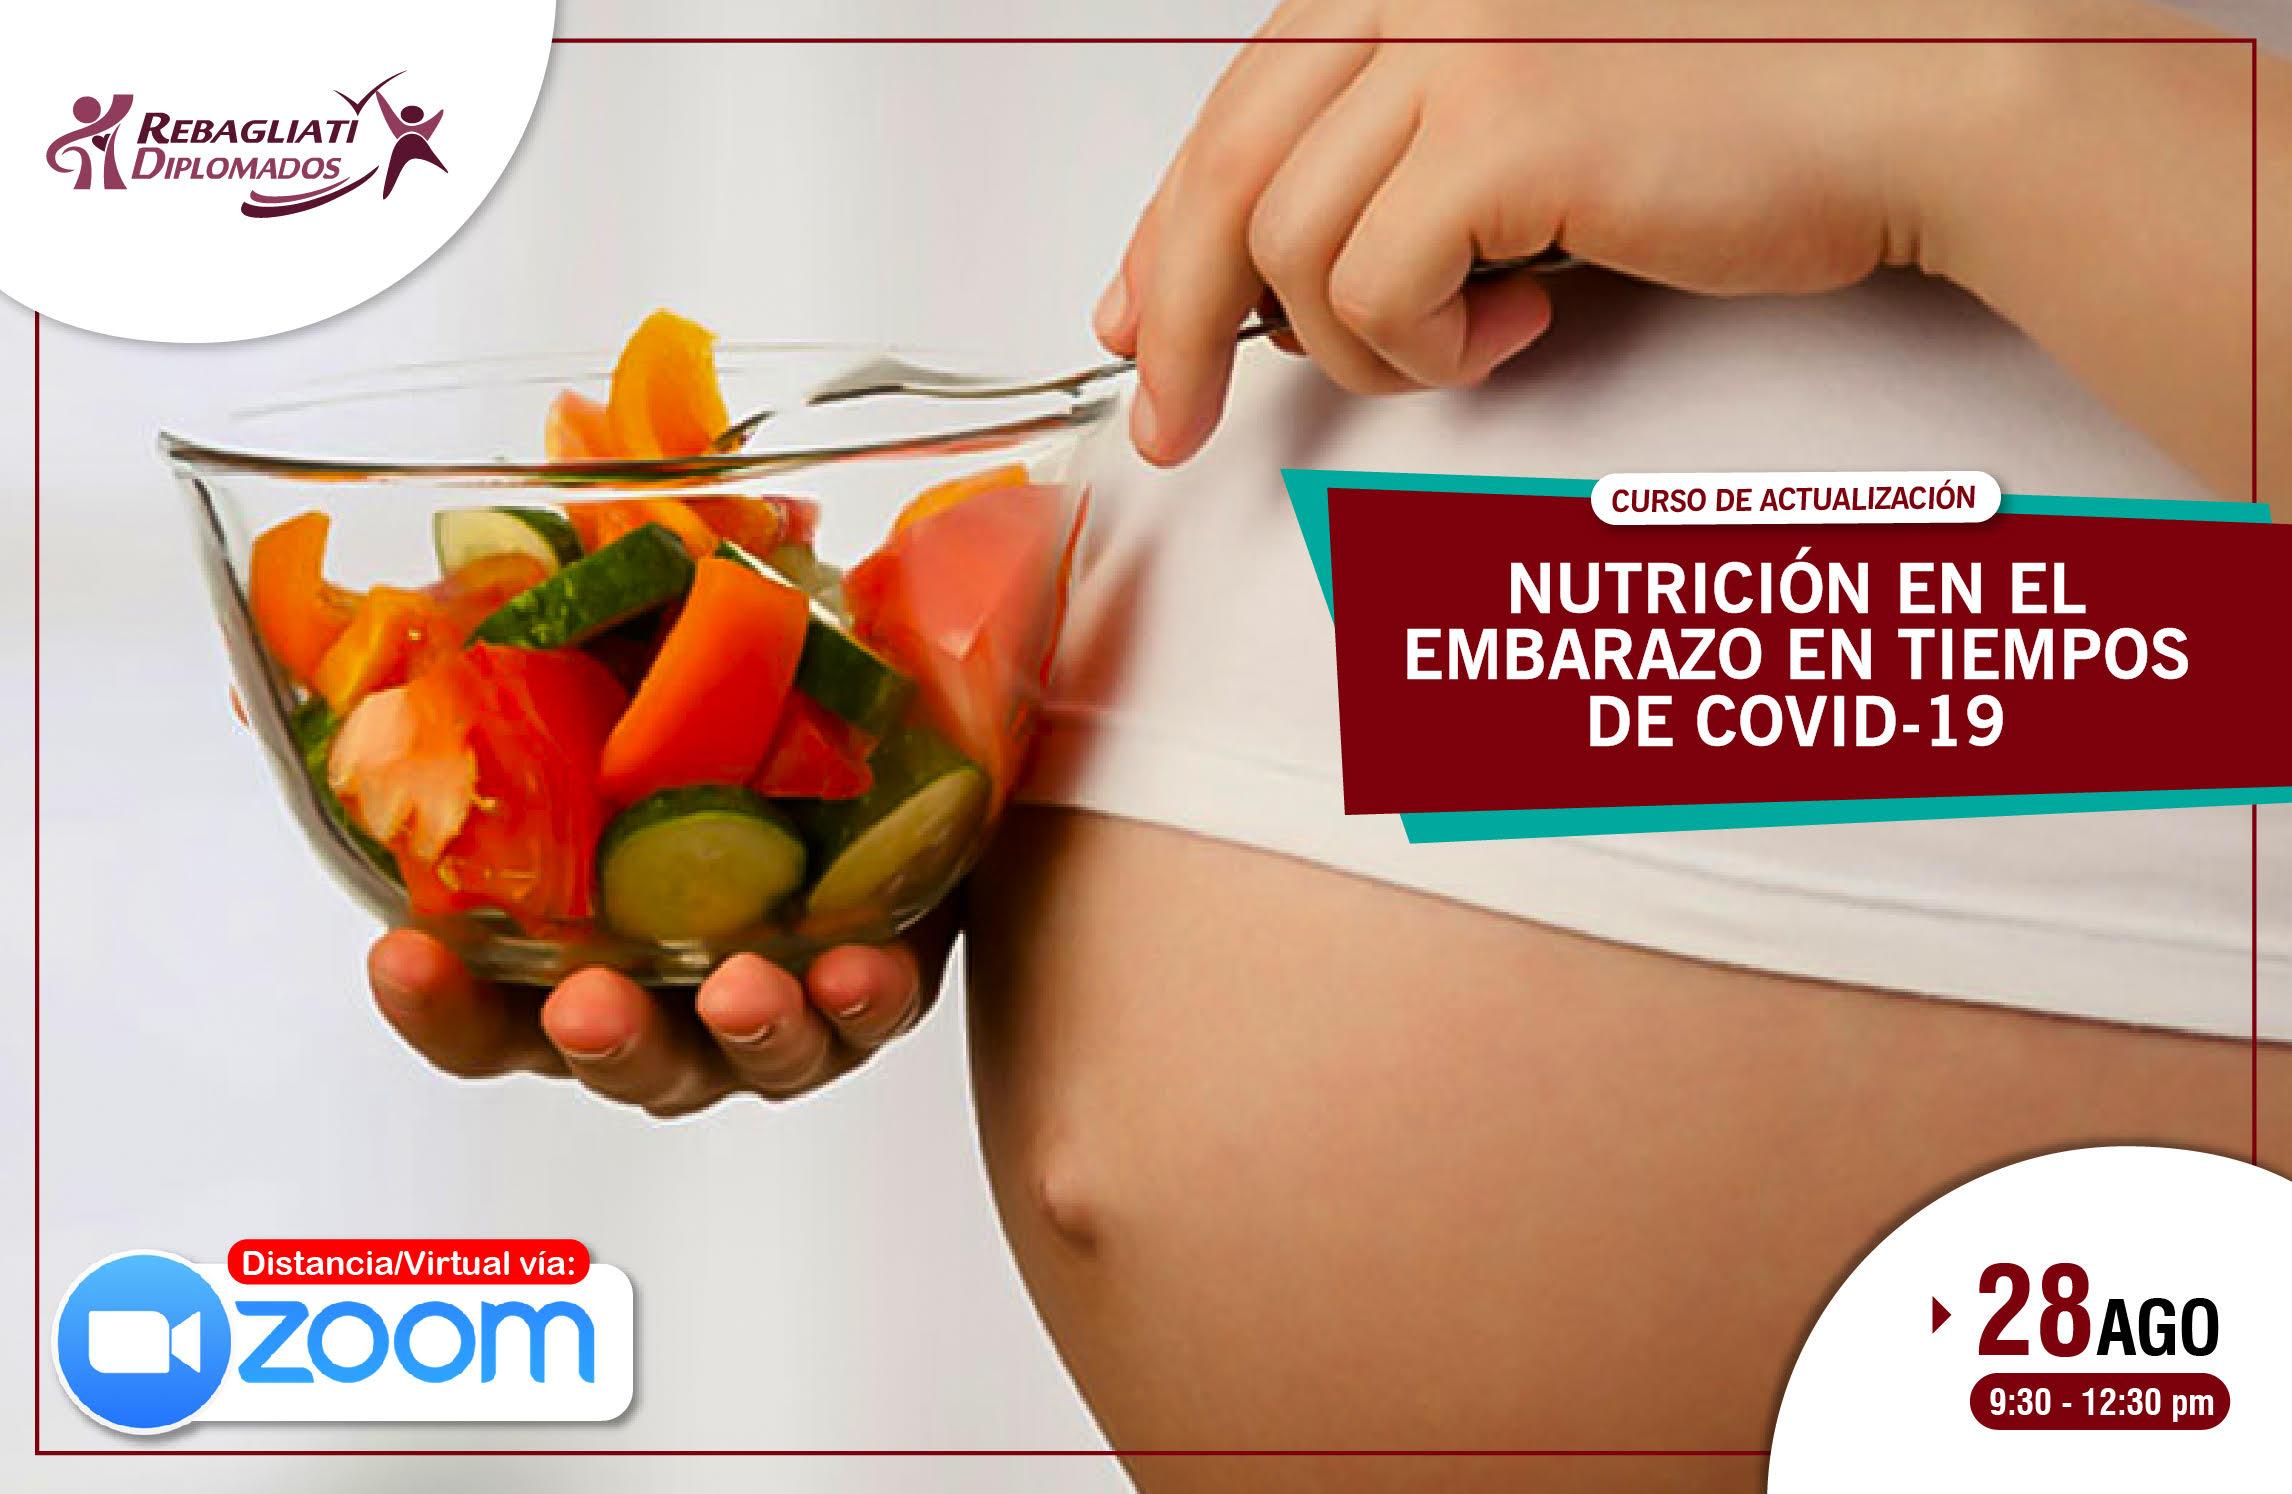 CURSO DE ACTUALIZACIÓN NUTRICIÓN EN EL EMBARAZO EN TIEMPOS DE COVID-19